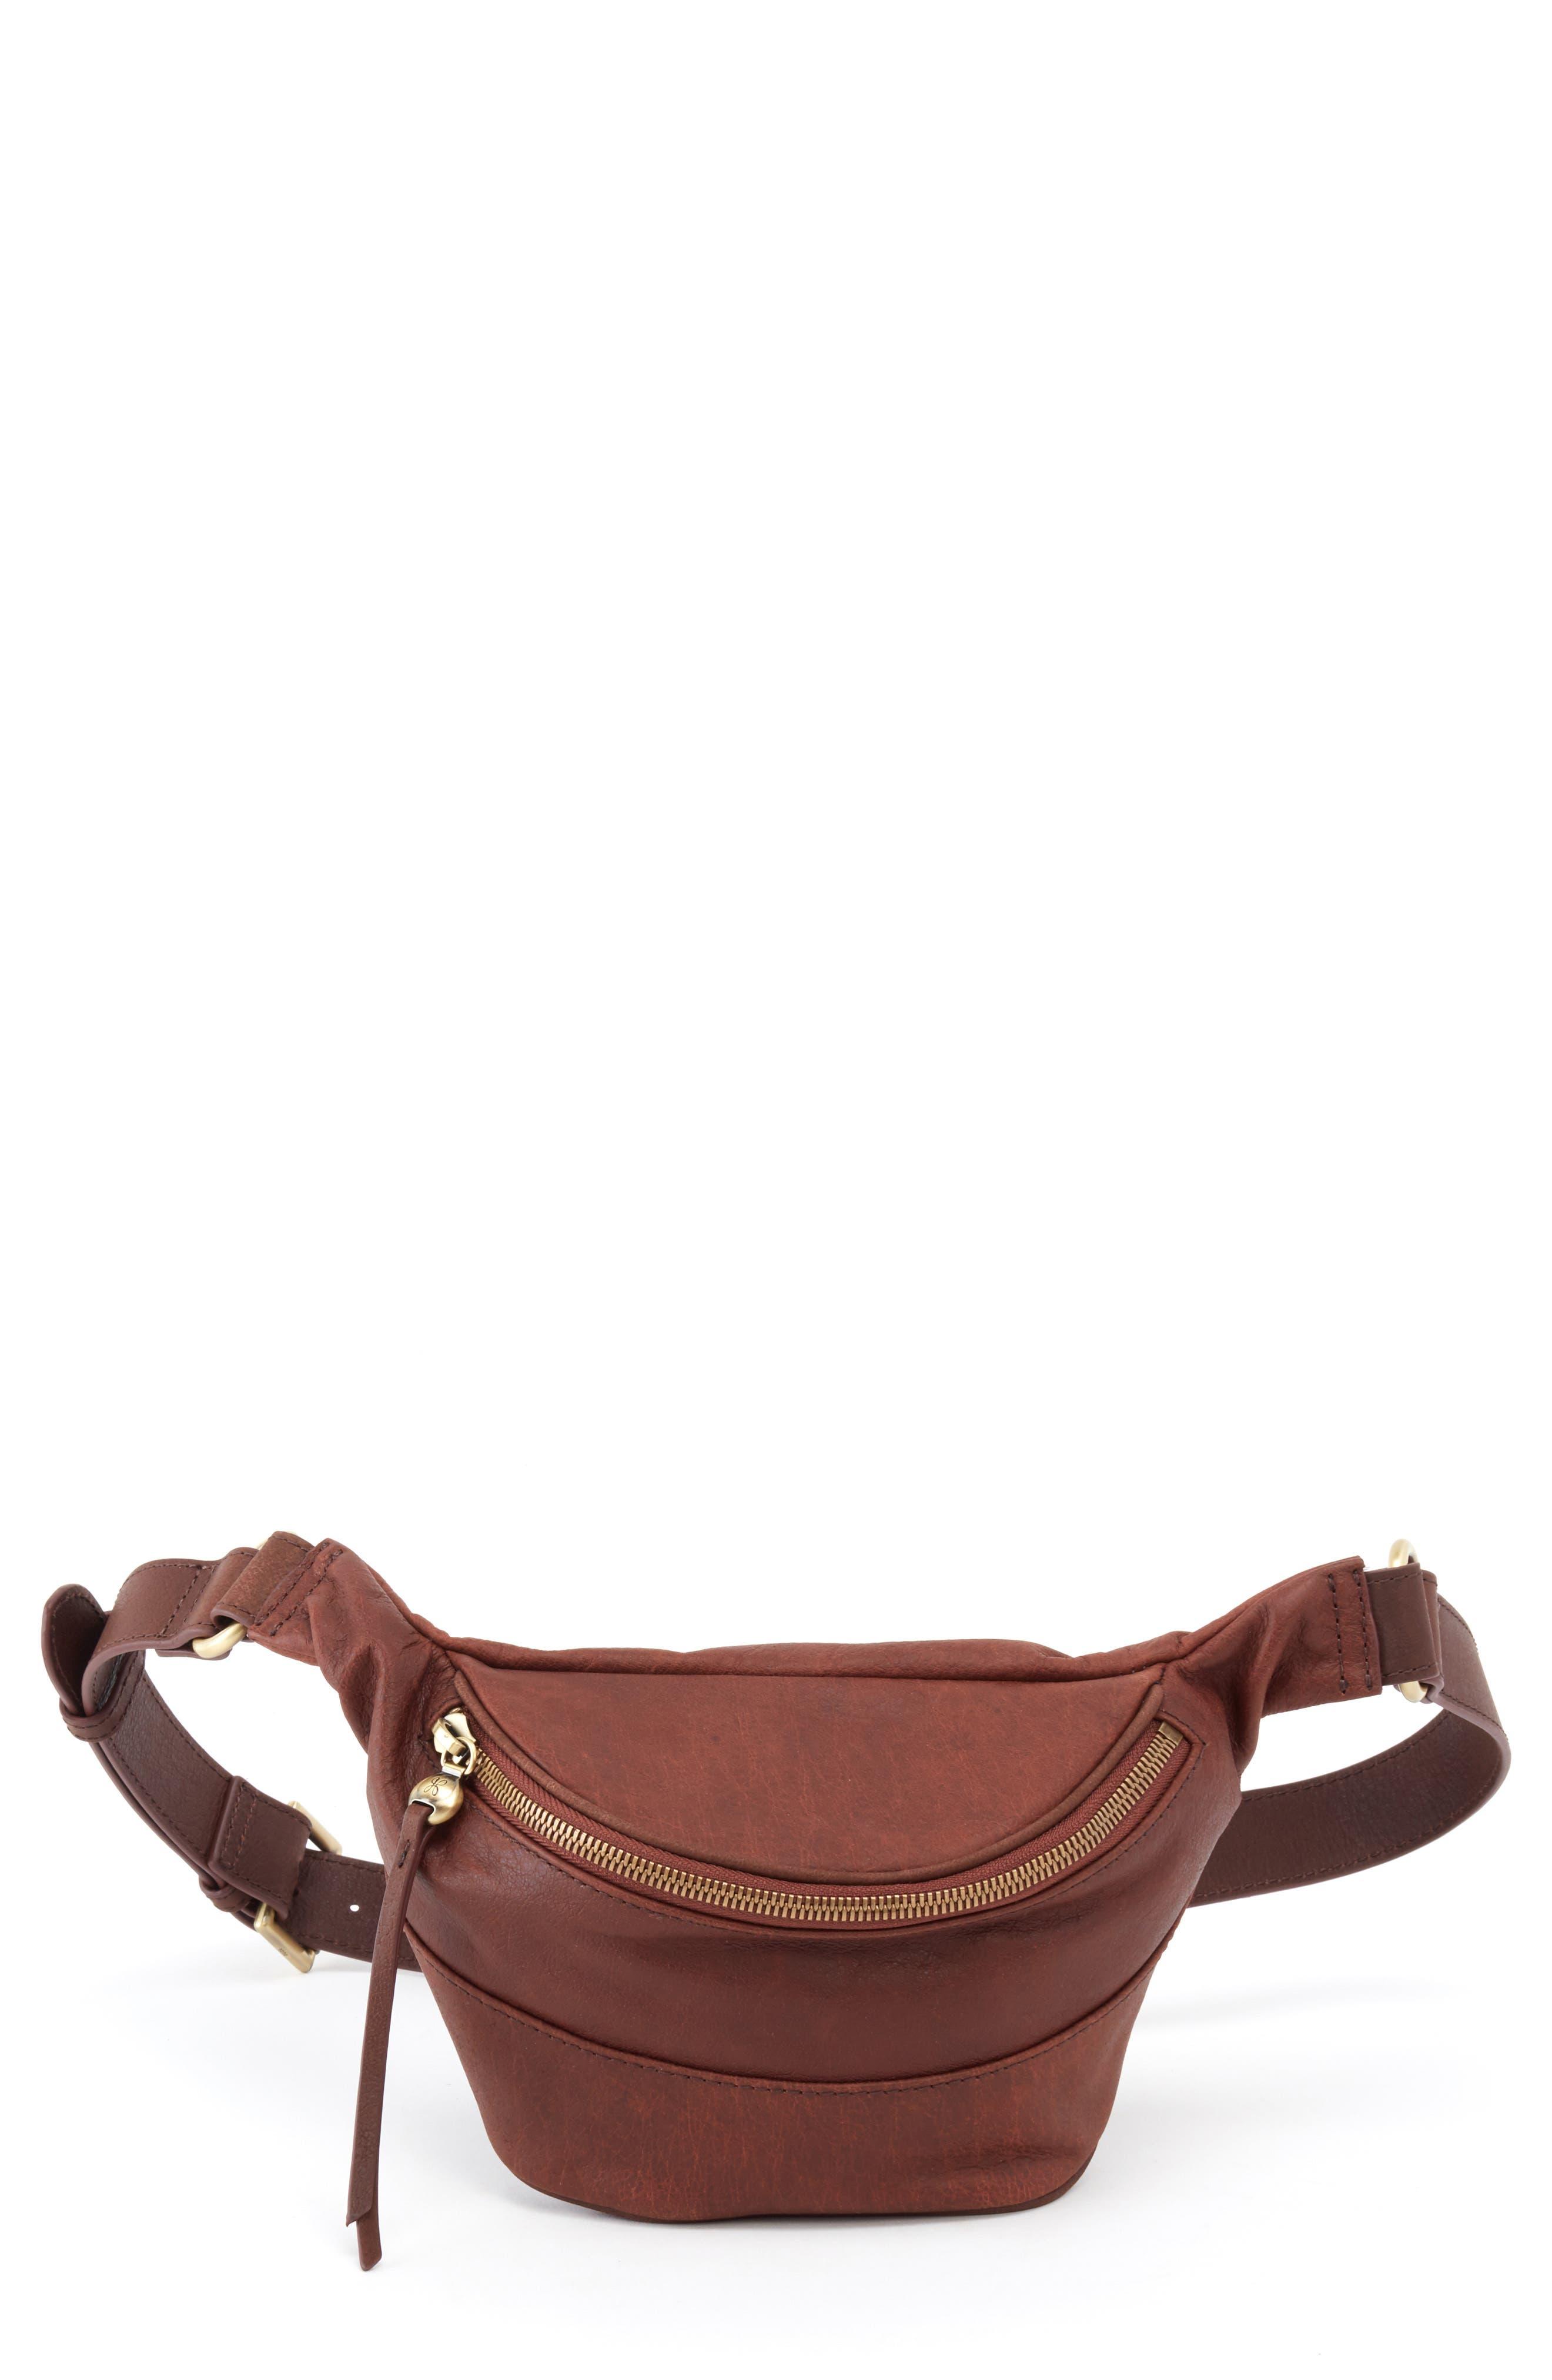 HOBO, Jett Leather Belt Bag, Main thumbnail 1, color, CHESTNUT